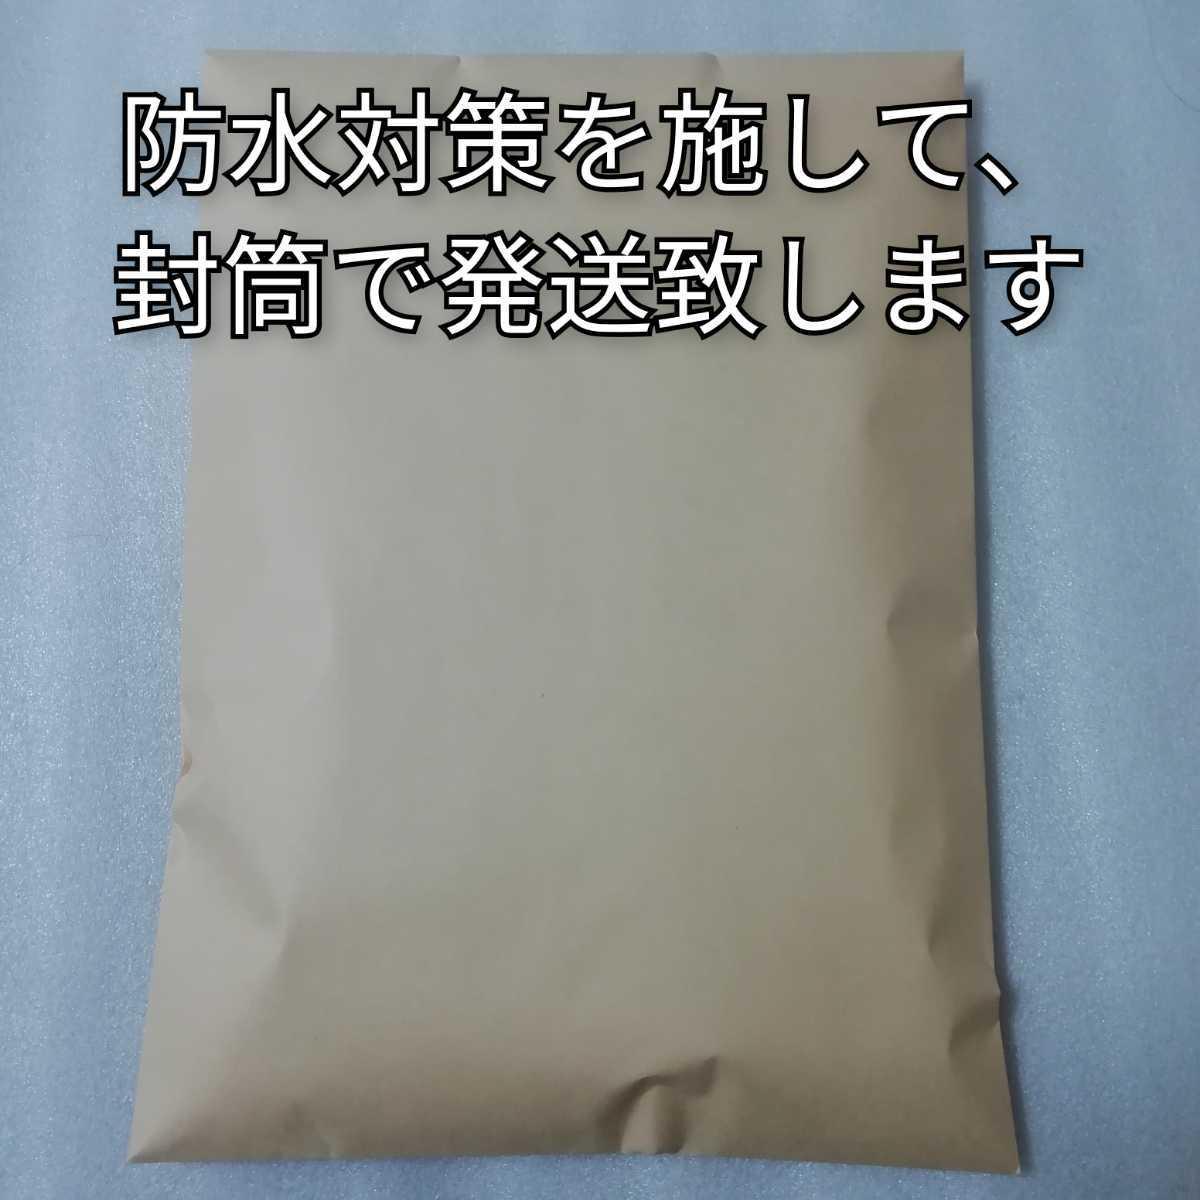 2種類20袋 ビクトリーブレンド ブレンドフォルテシモ 澤井珈琲 ドリップコーヒー_画像2